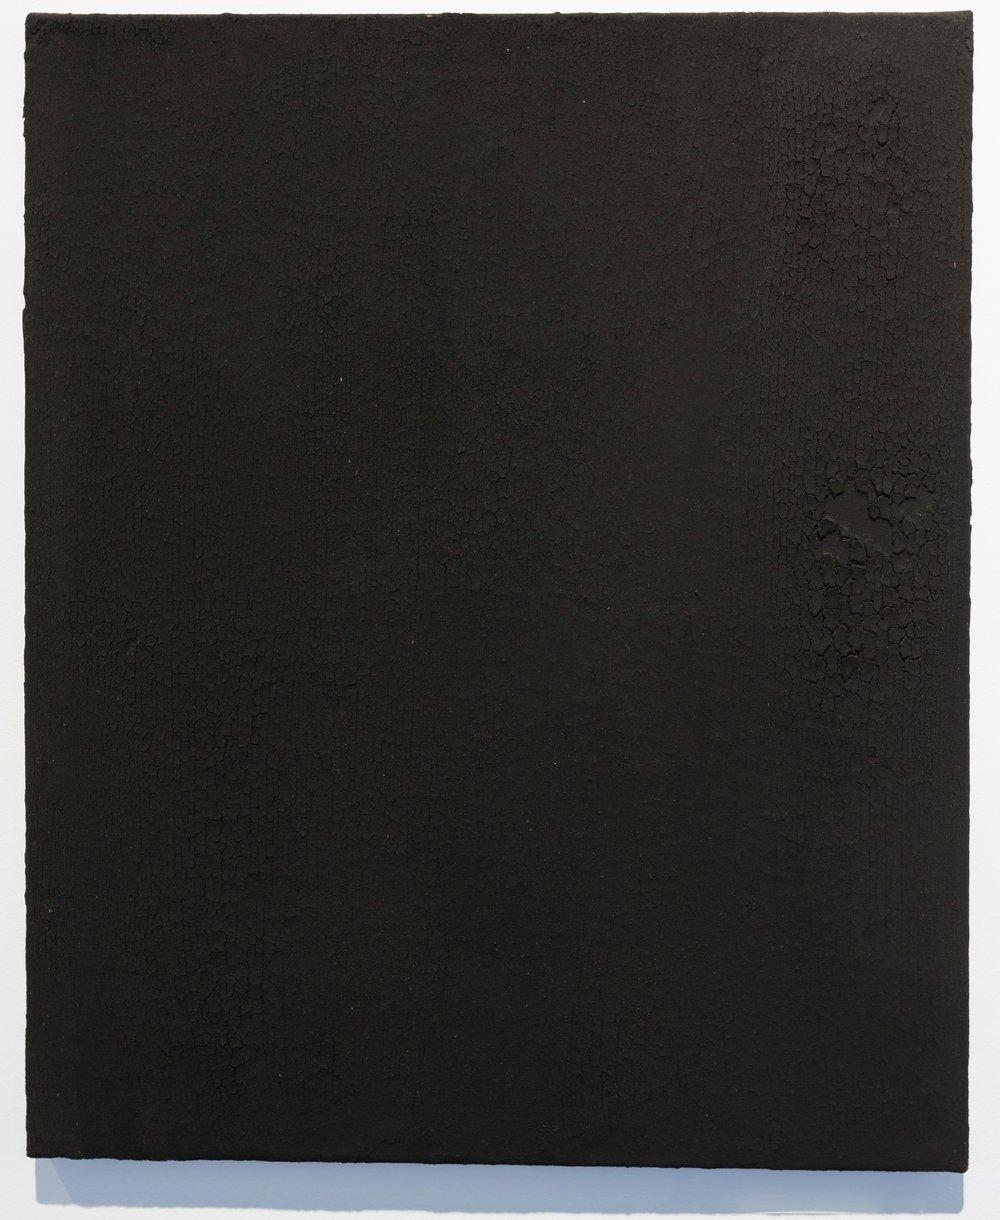 Sabrina Belouaar,  Sans-titre , 2017. Henné sur toile, 61 cm x 50 cm